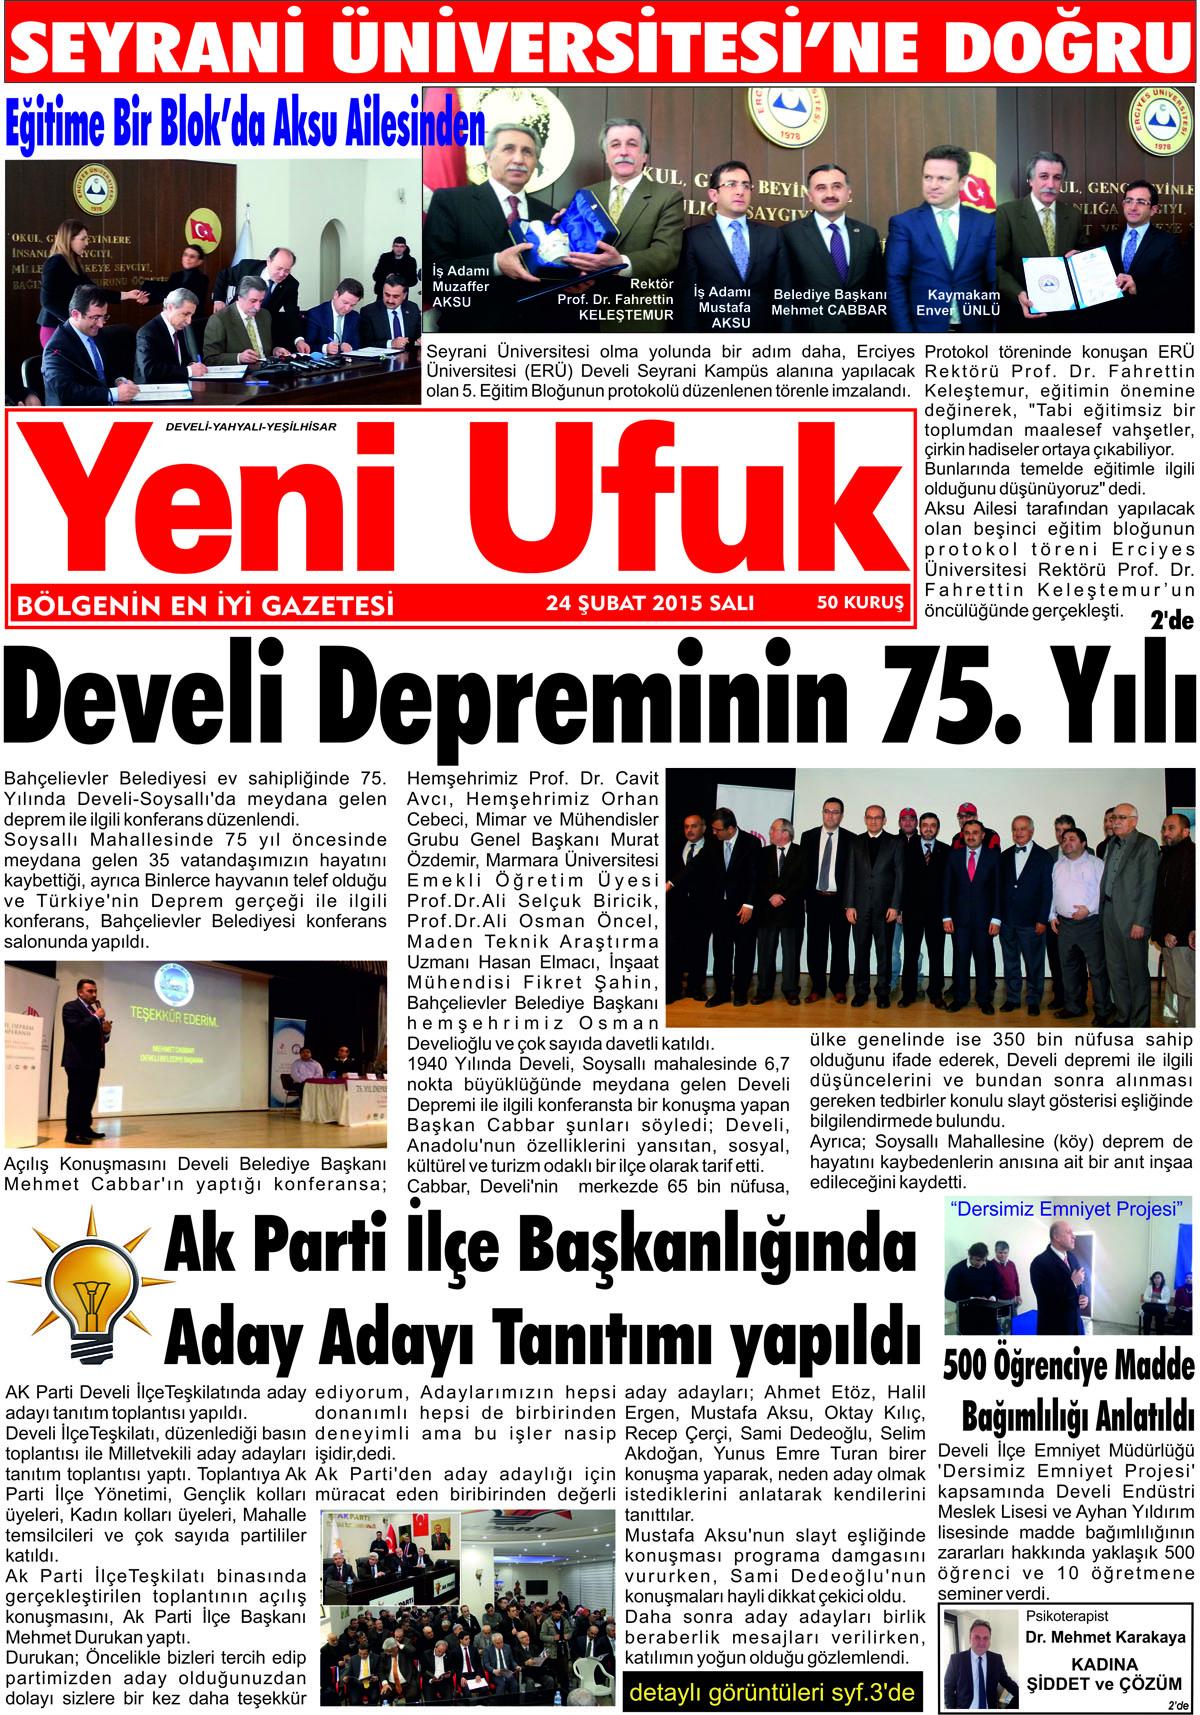 Yeni Ufuk Bölge Gazetesi, 24 Şubat 2015, Sayfa 1